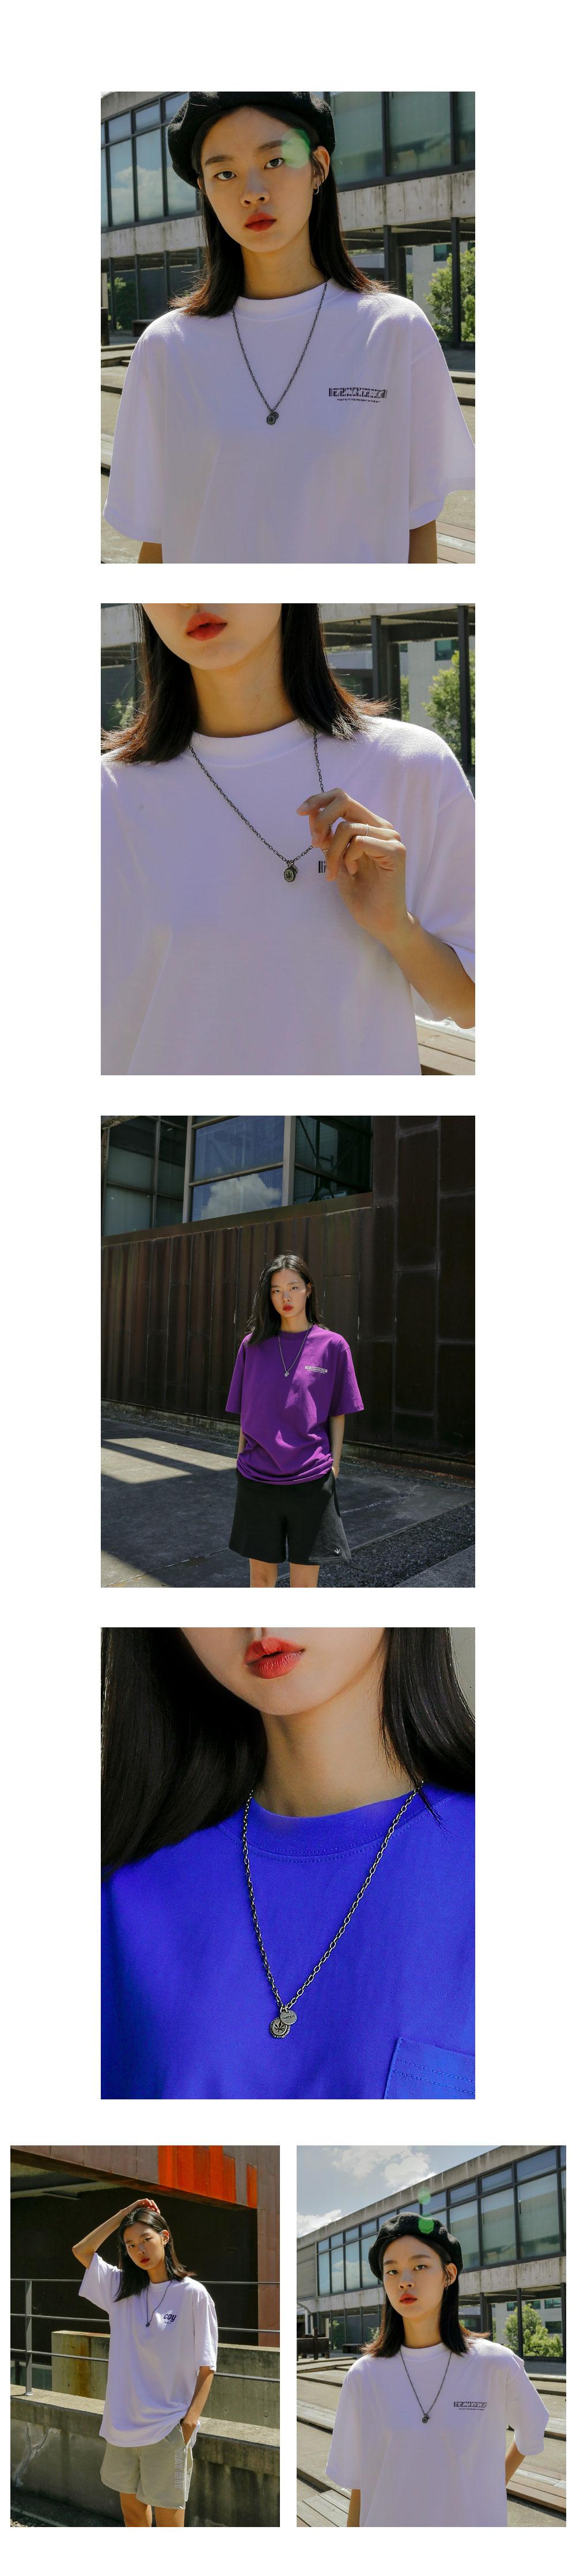 뎃츠잇 (UNISEX) 피더파트 석버니쉬 목걸이